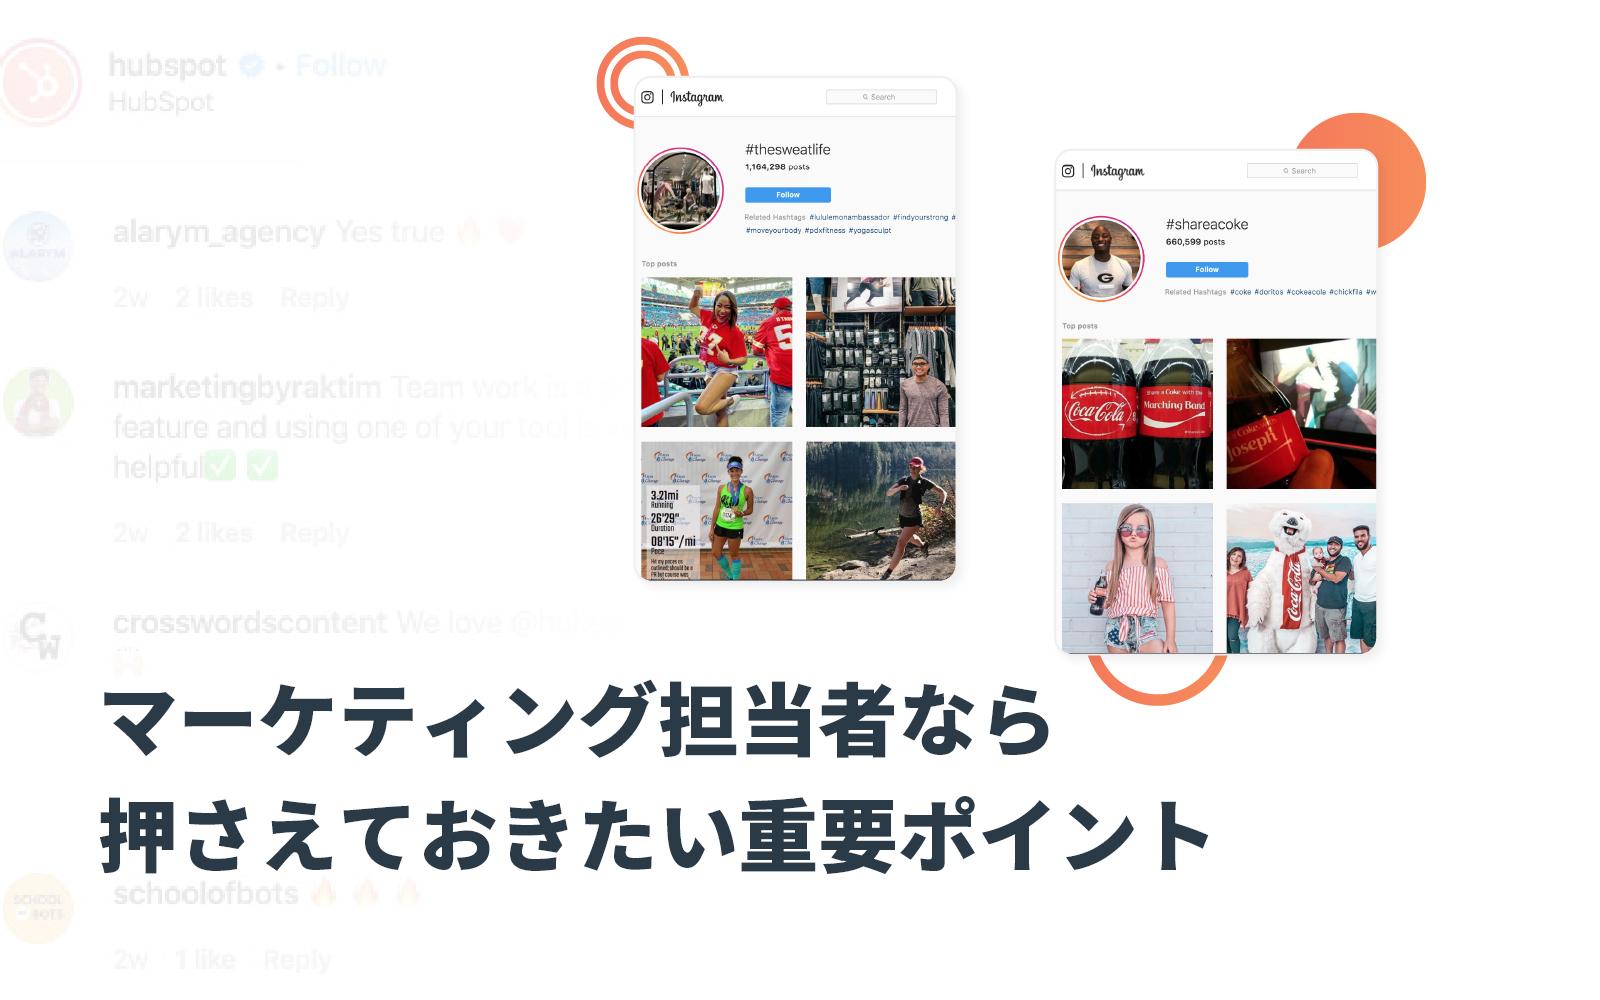 Instagramエンゲージメントレポート_02